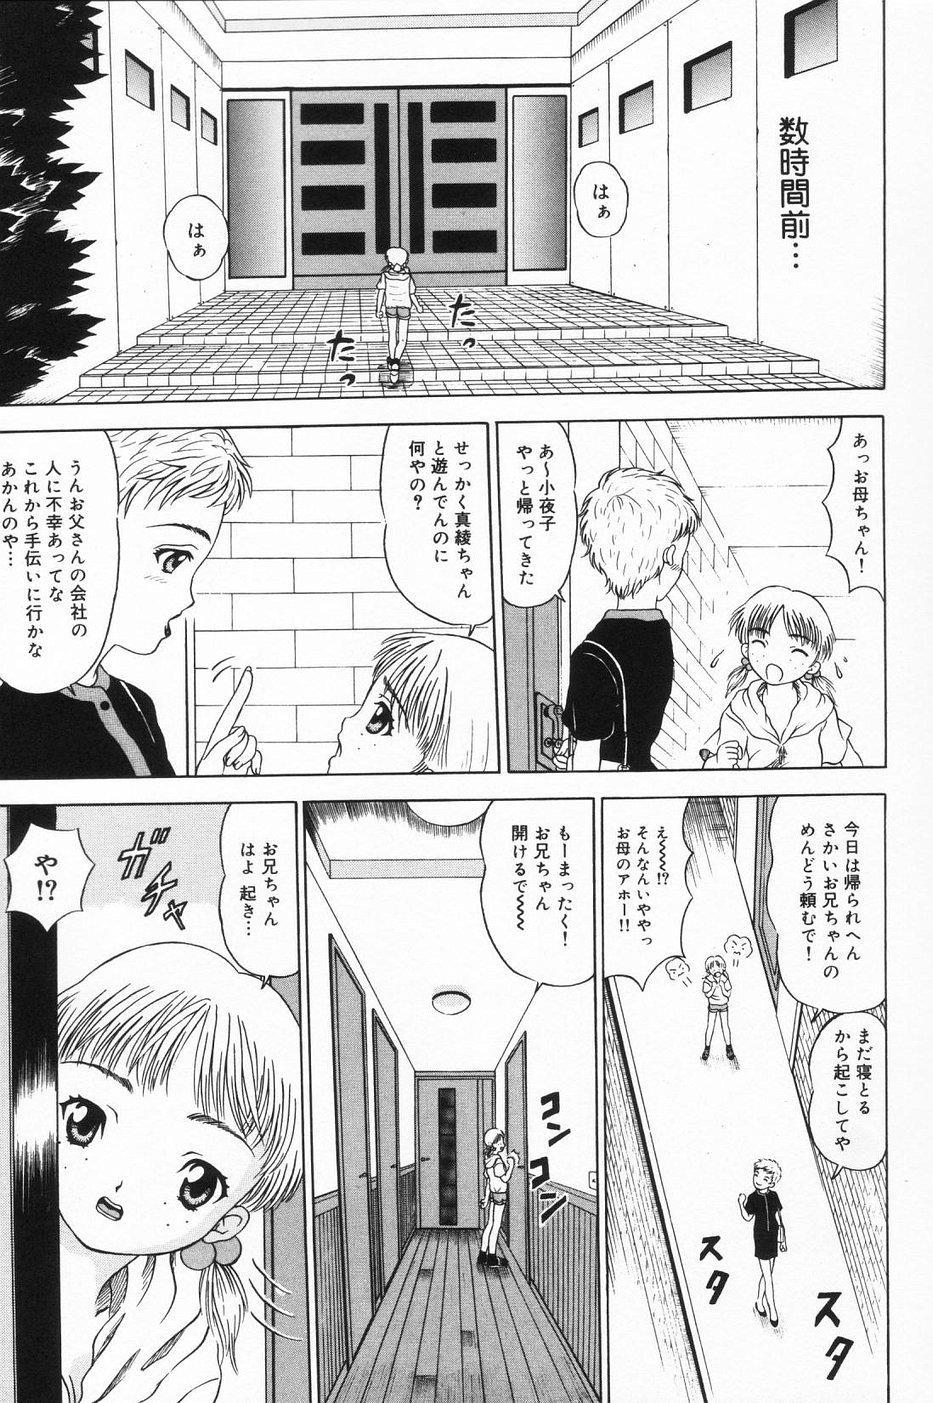 Onnanoko no Yorimichi 23